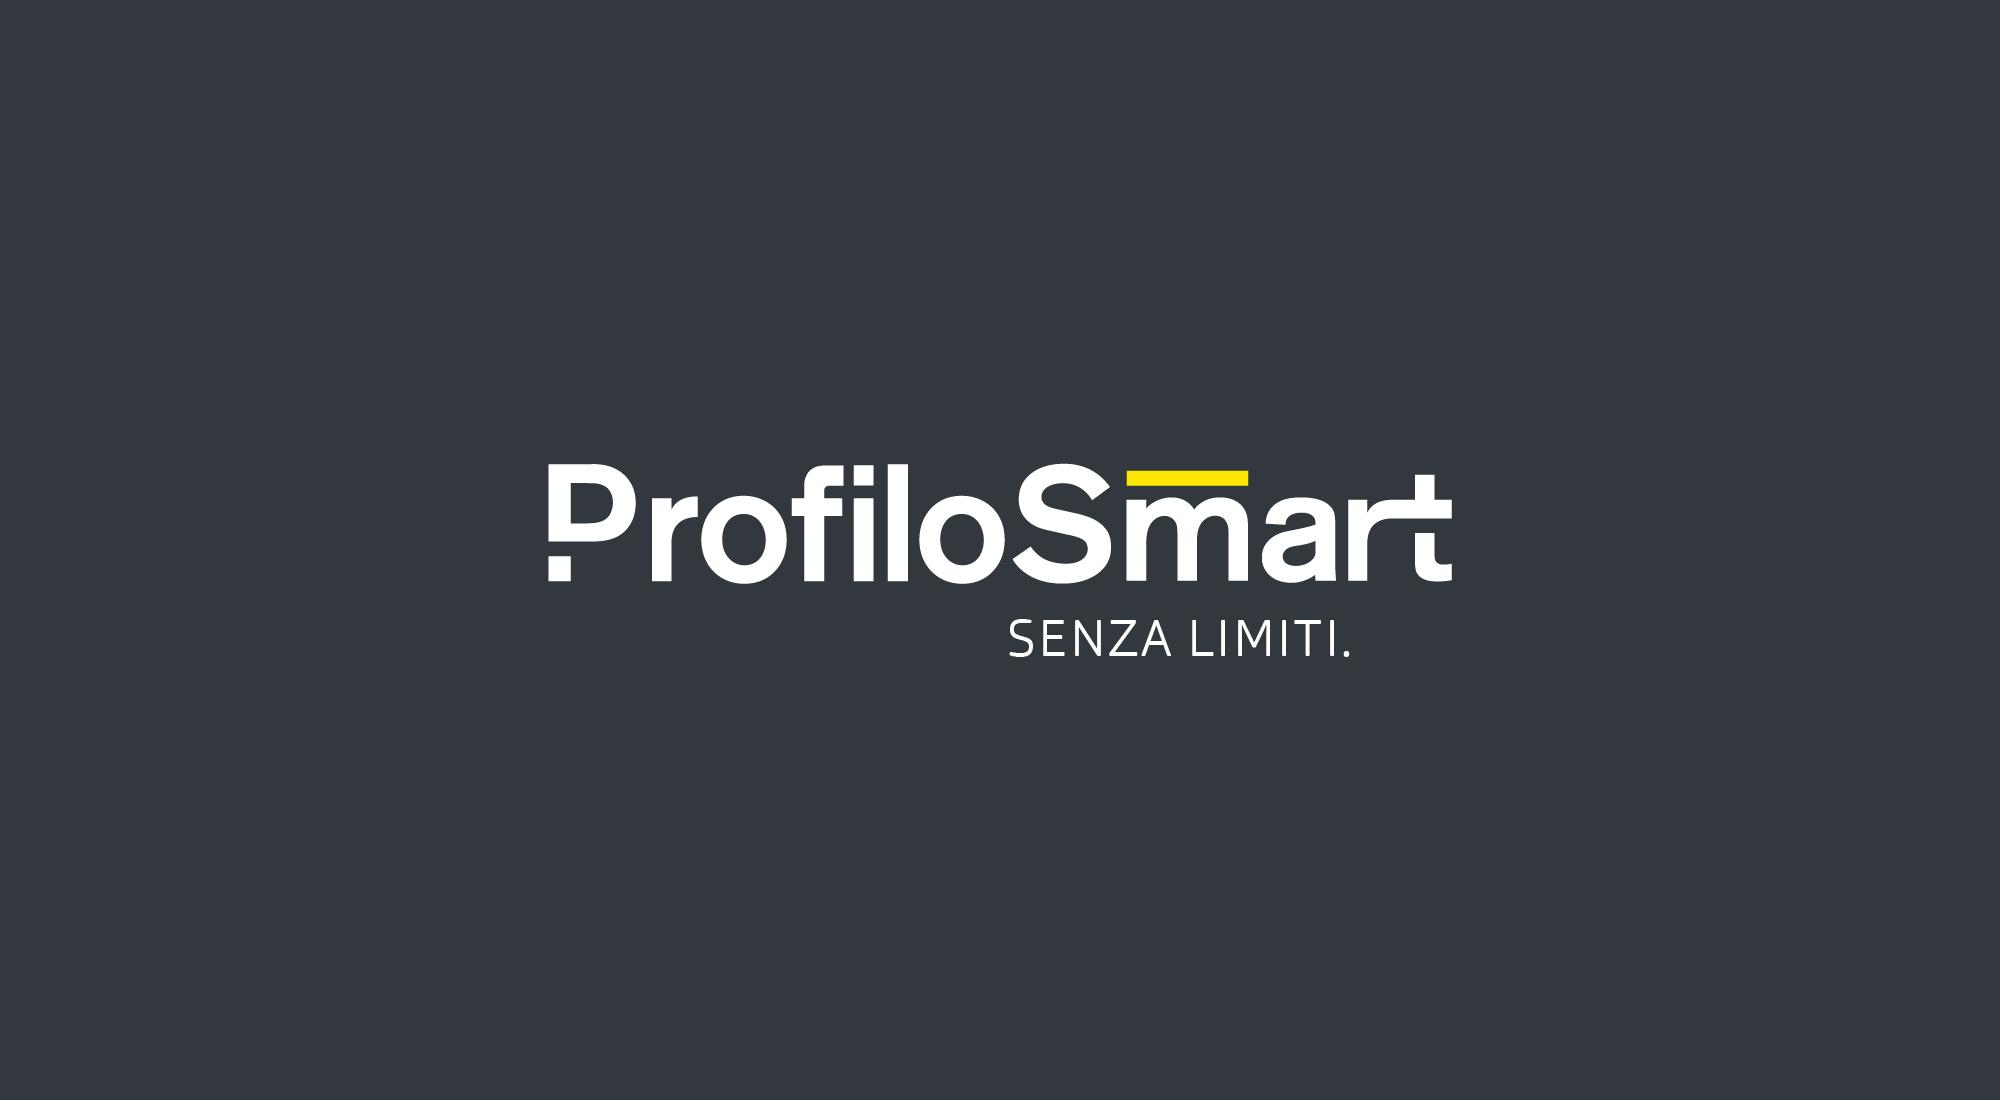 Cover image: Profilo Smart